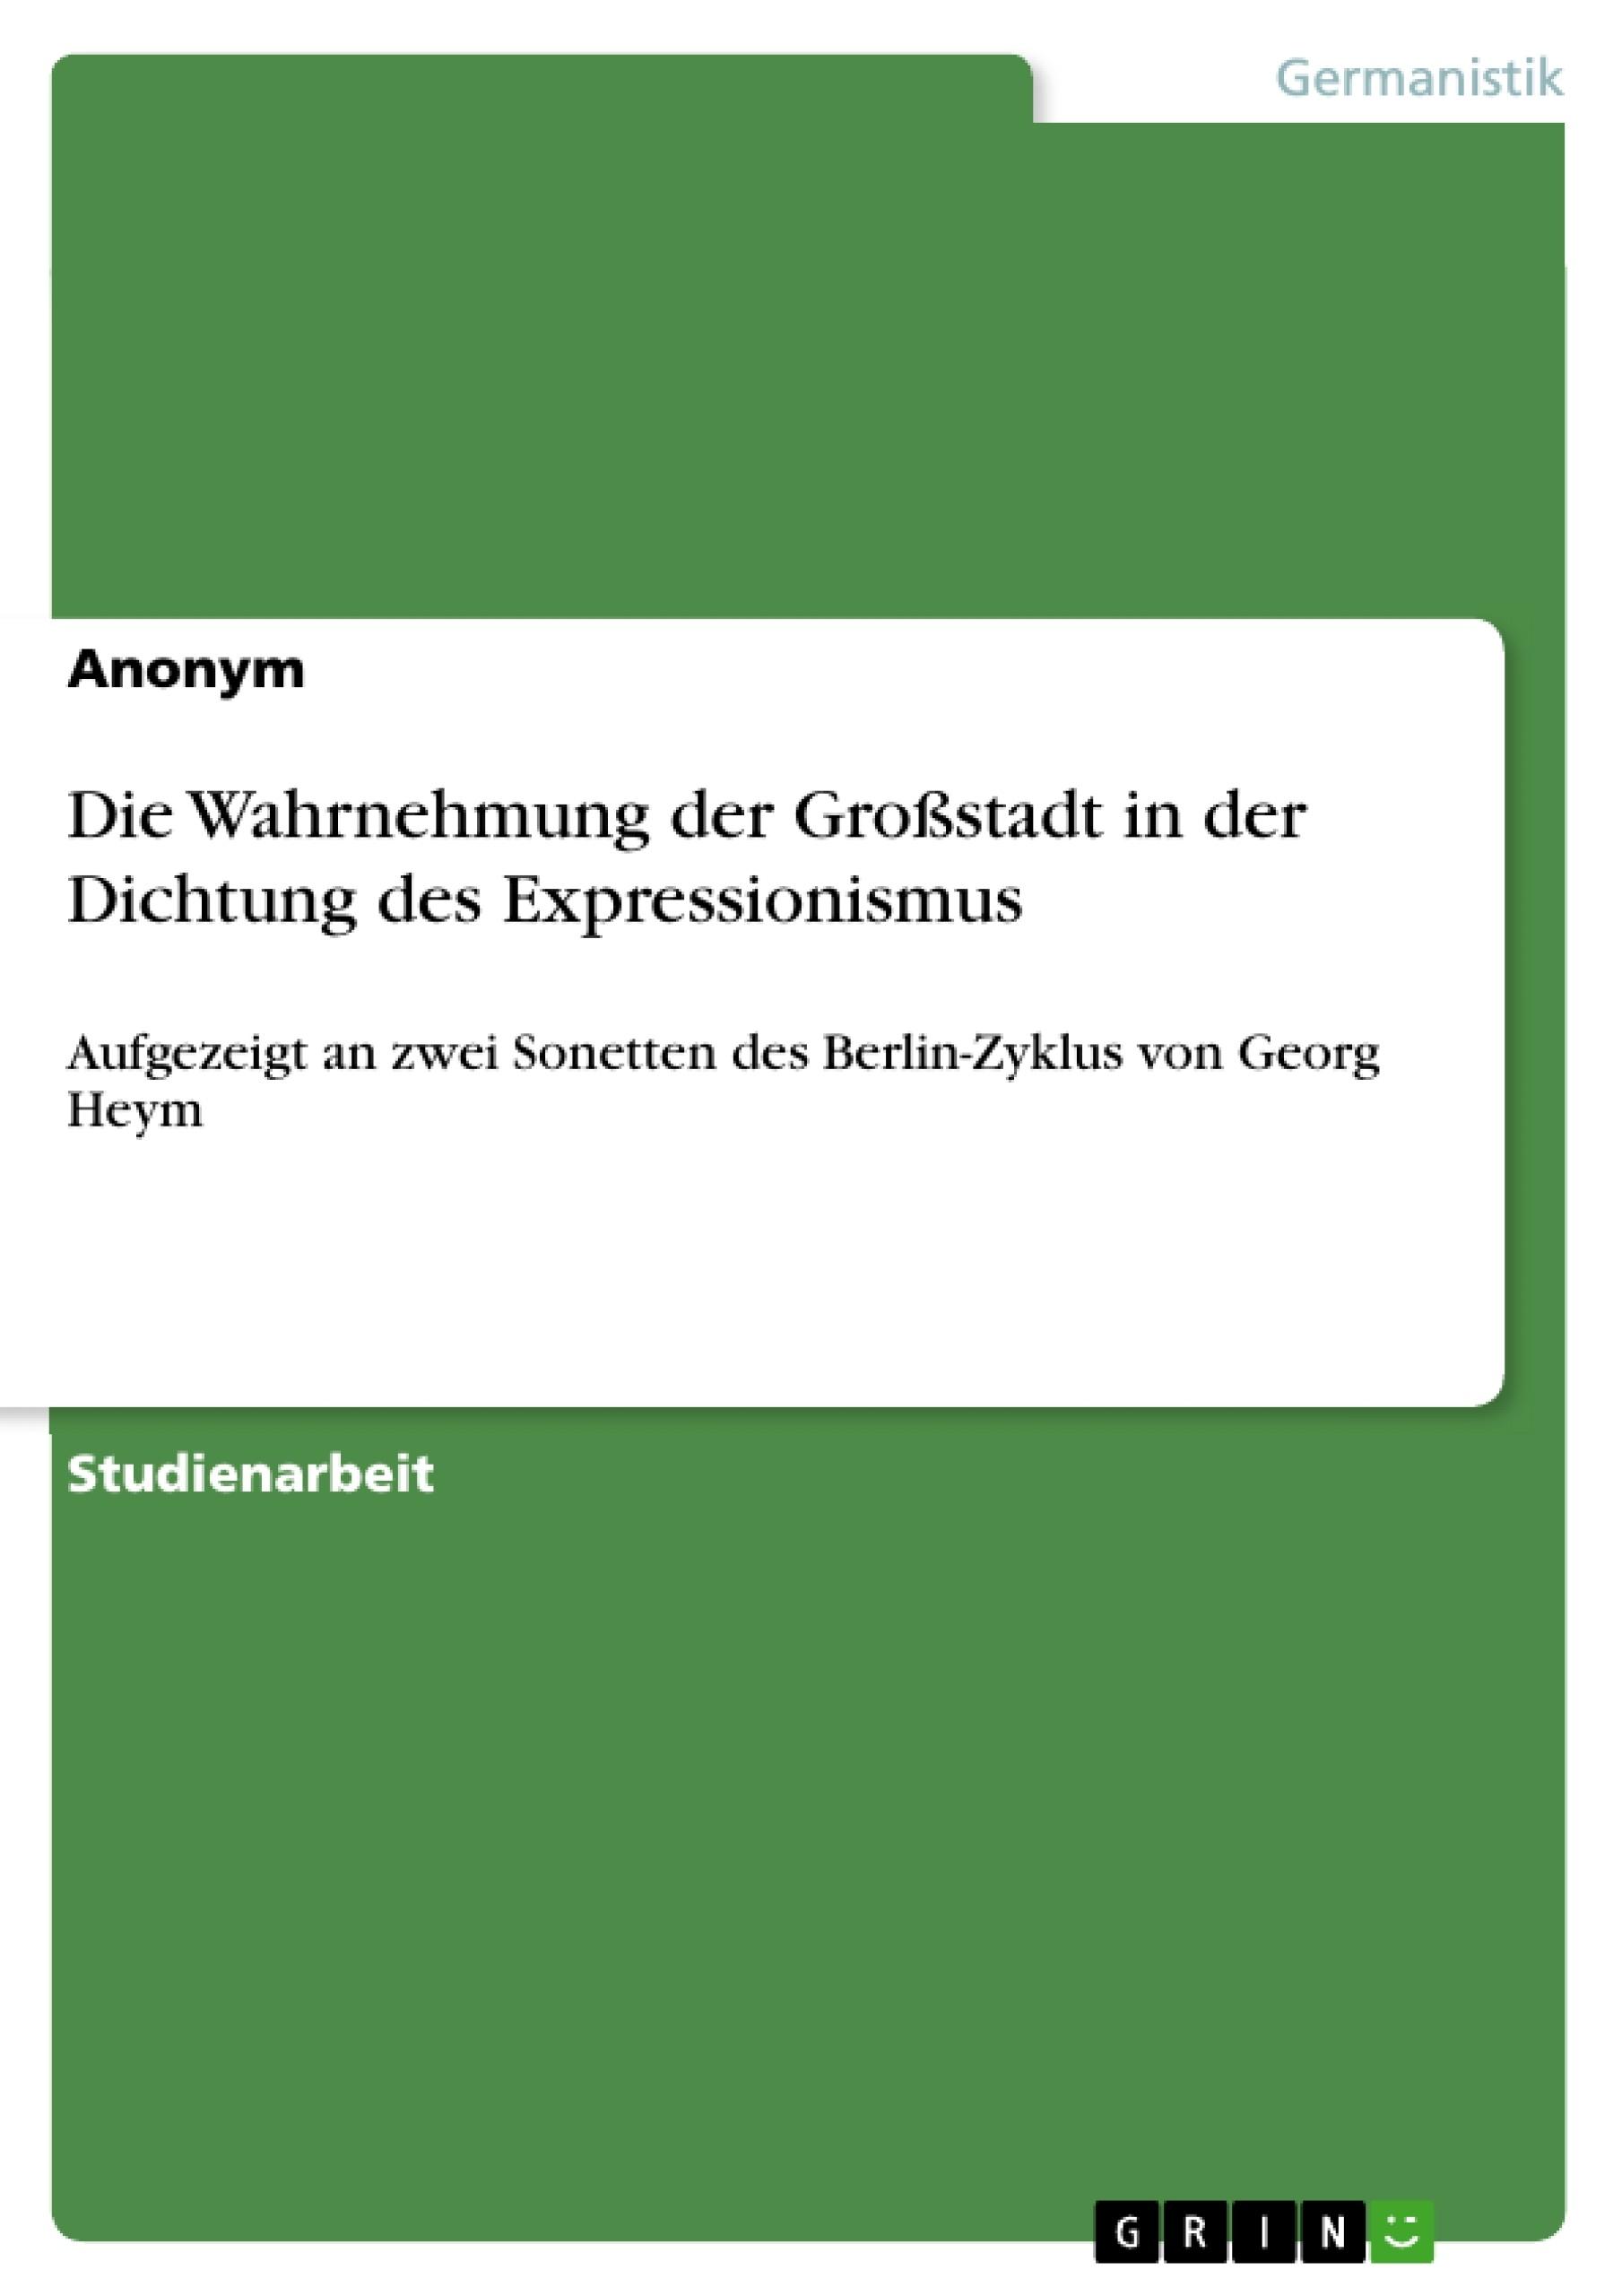 Titel: Die Wahrnehmung der Großstadt in der Dichtung des Expressionismus